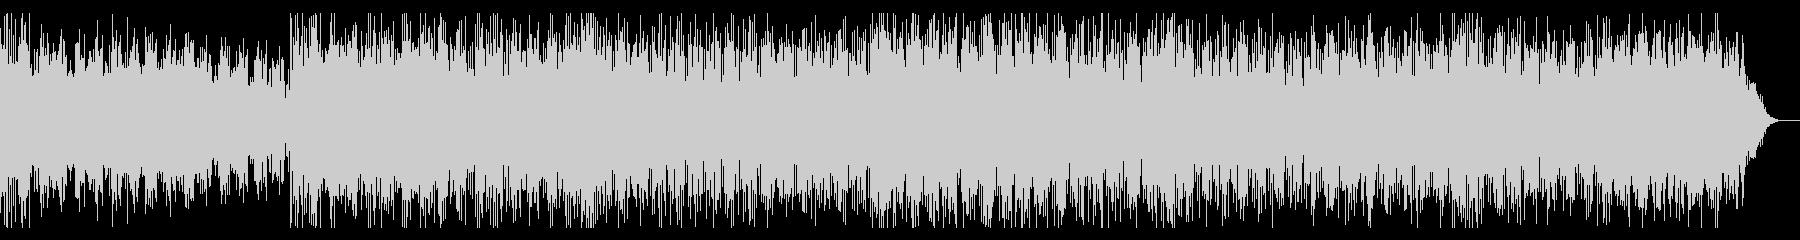 宇宙的・電脳的なバトルイメージのBGMの未再生の波形